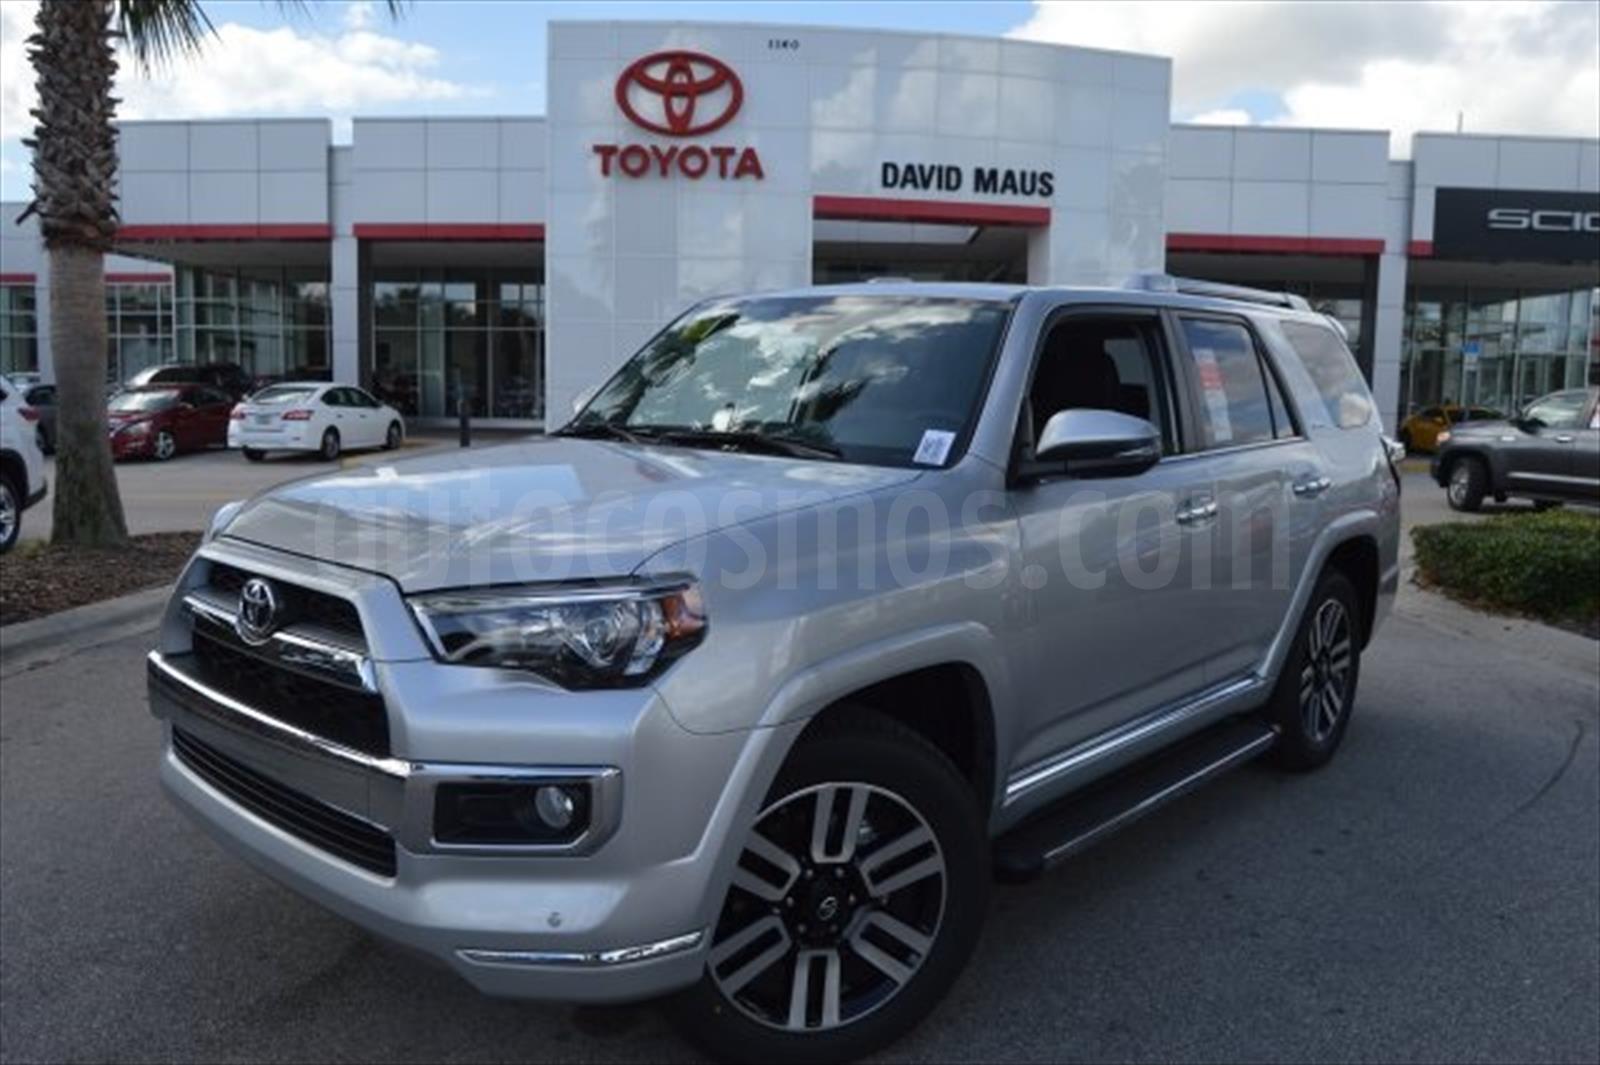 Carros Usados En Venta En Estados Unidos >> Venta carros usado - Anzoategui - Toyota Fortuner 4x4